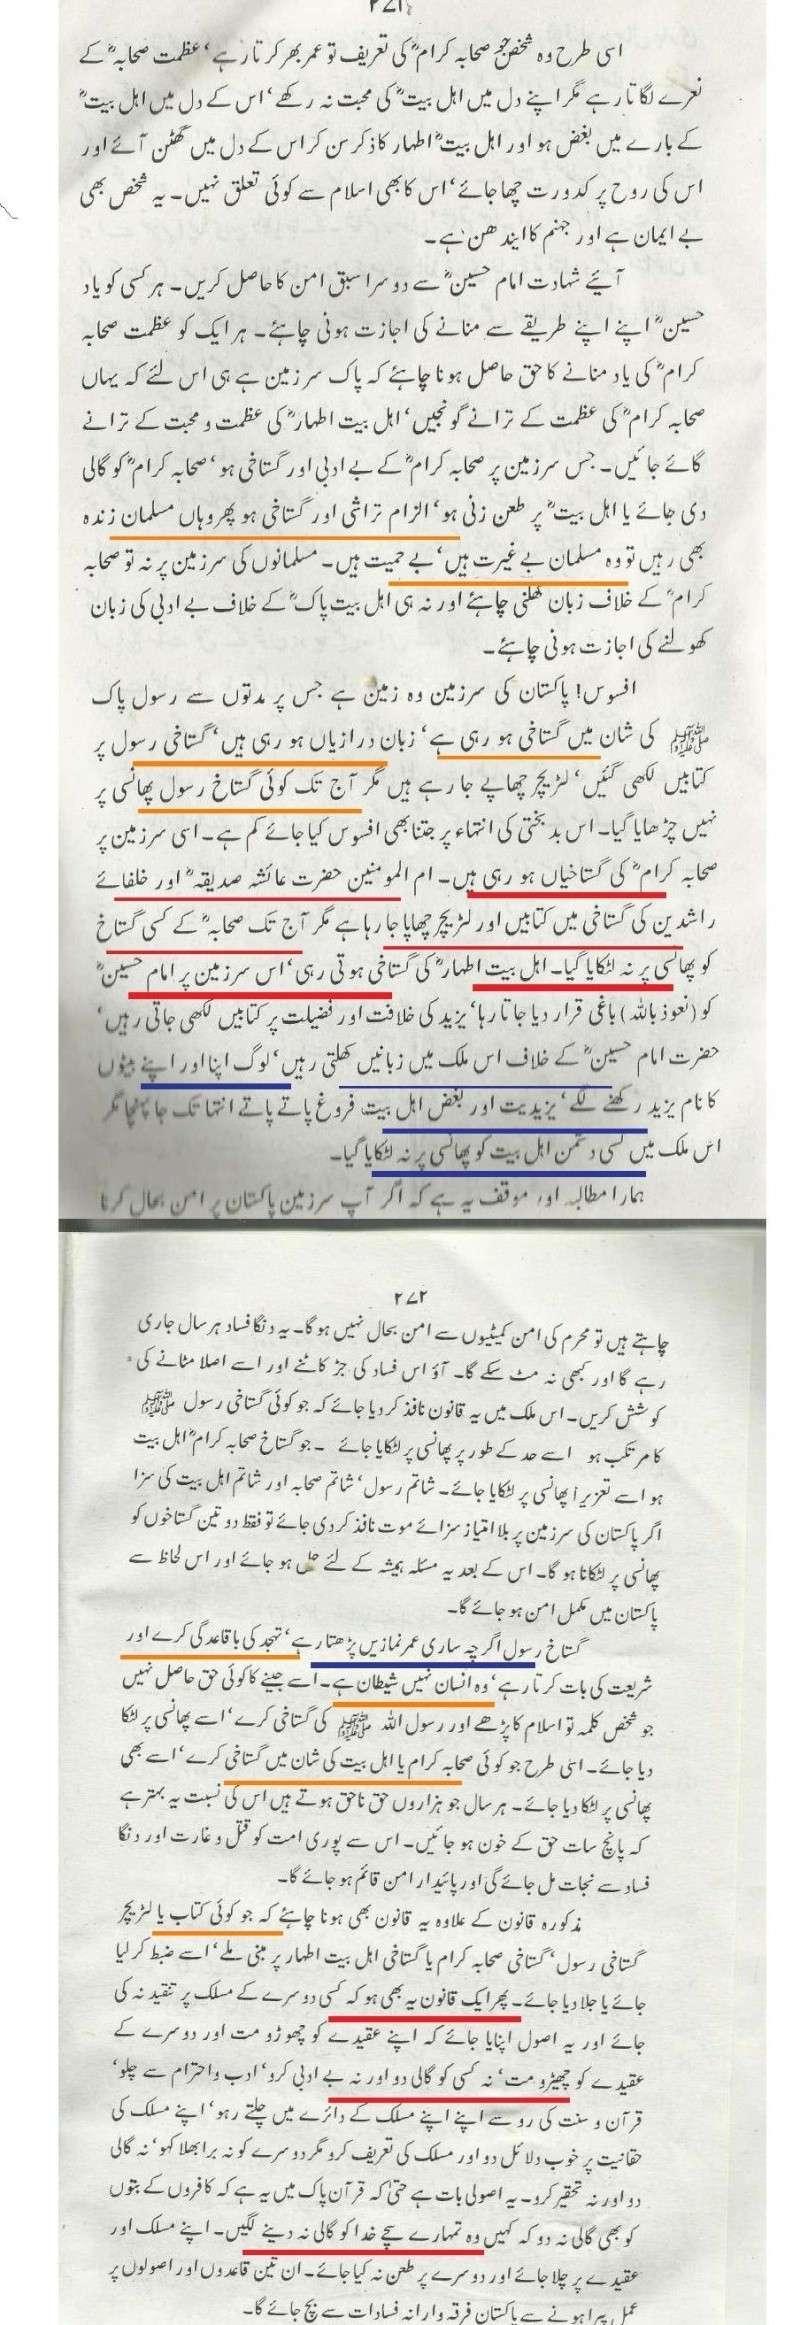 پیر عرفان شاہ صاحب کے جھوٹ Postxx10